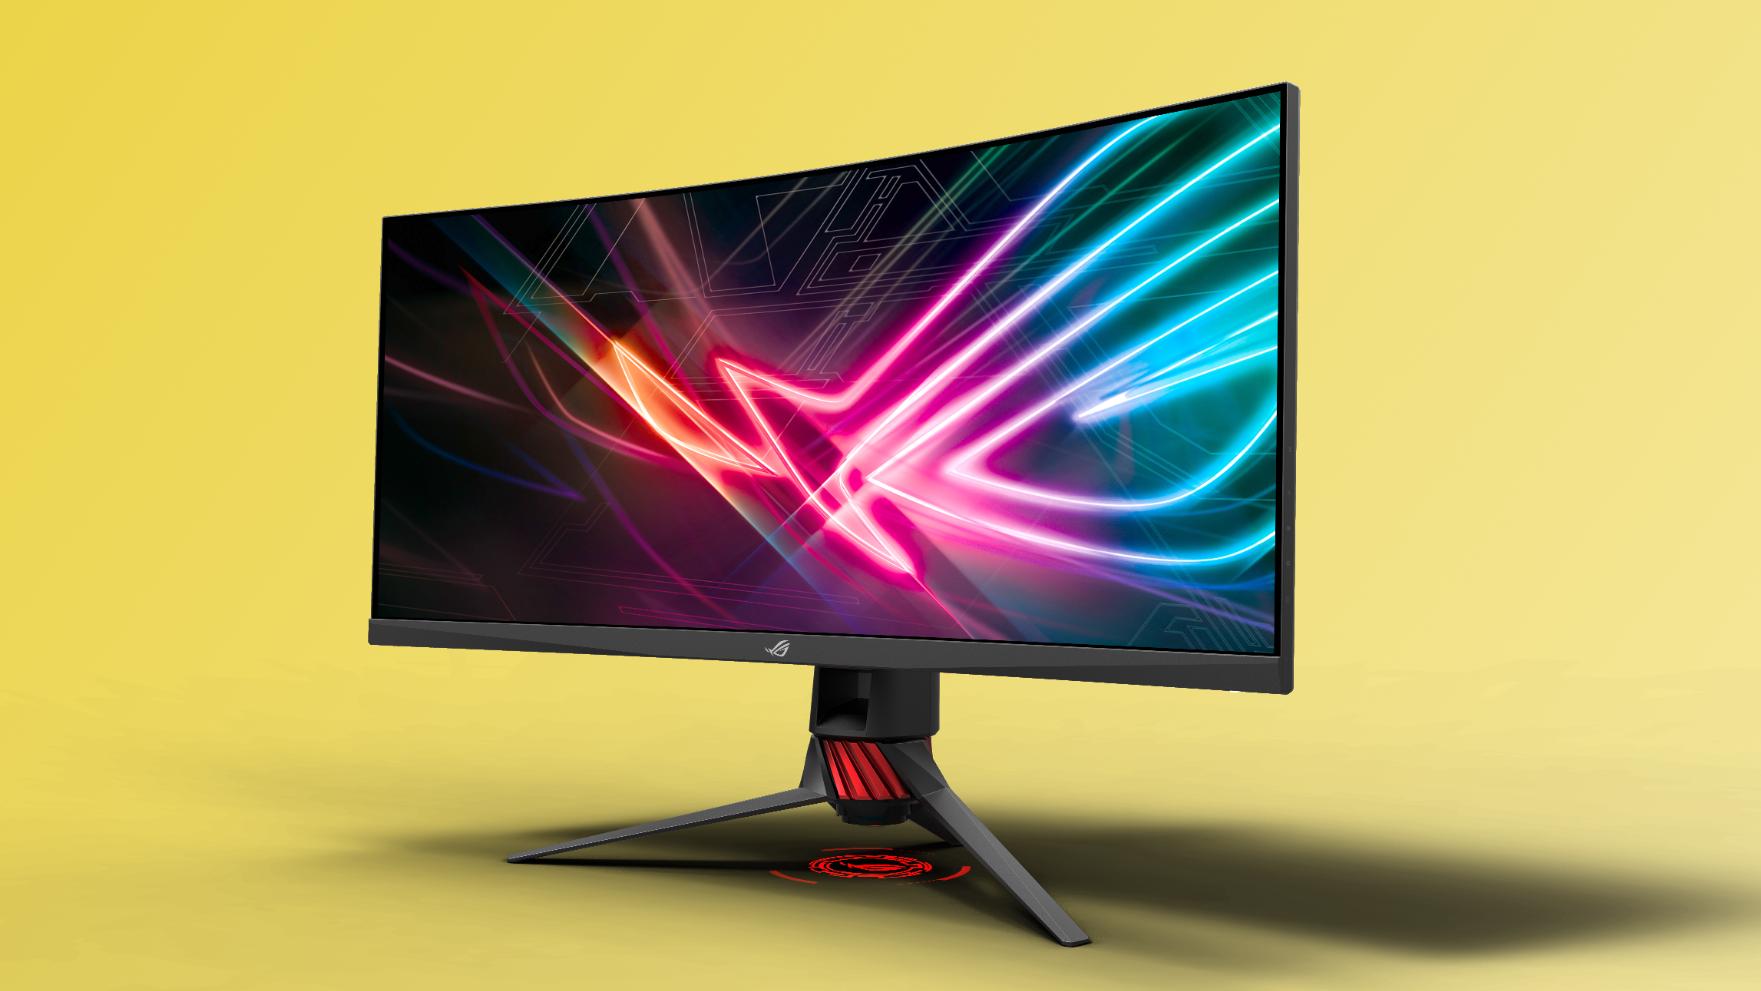 Asus' nye spillskjerm er både diger og ultrabred